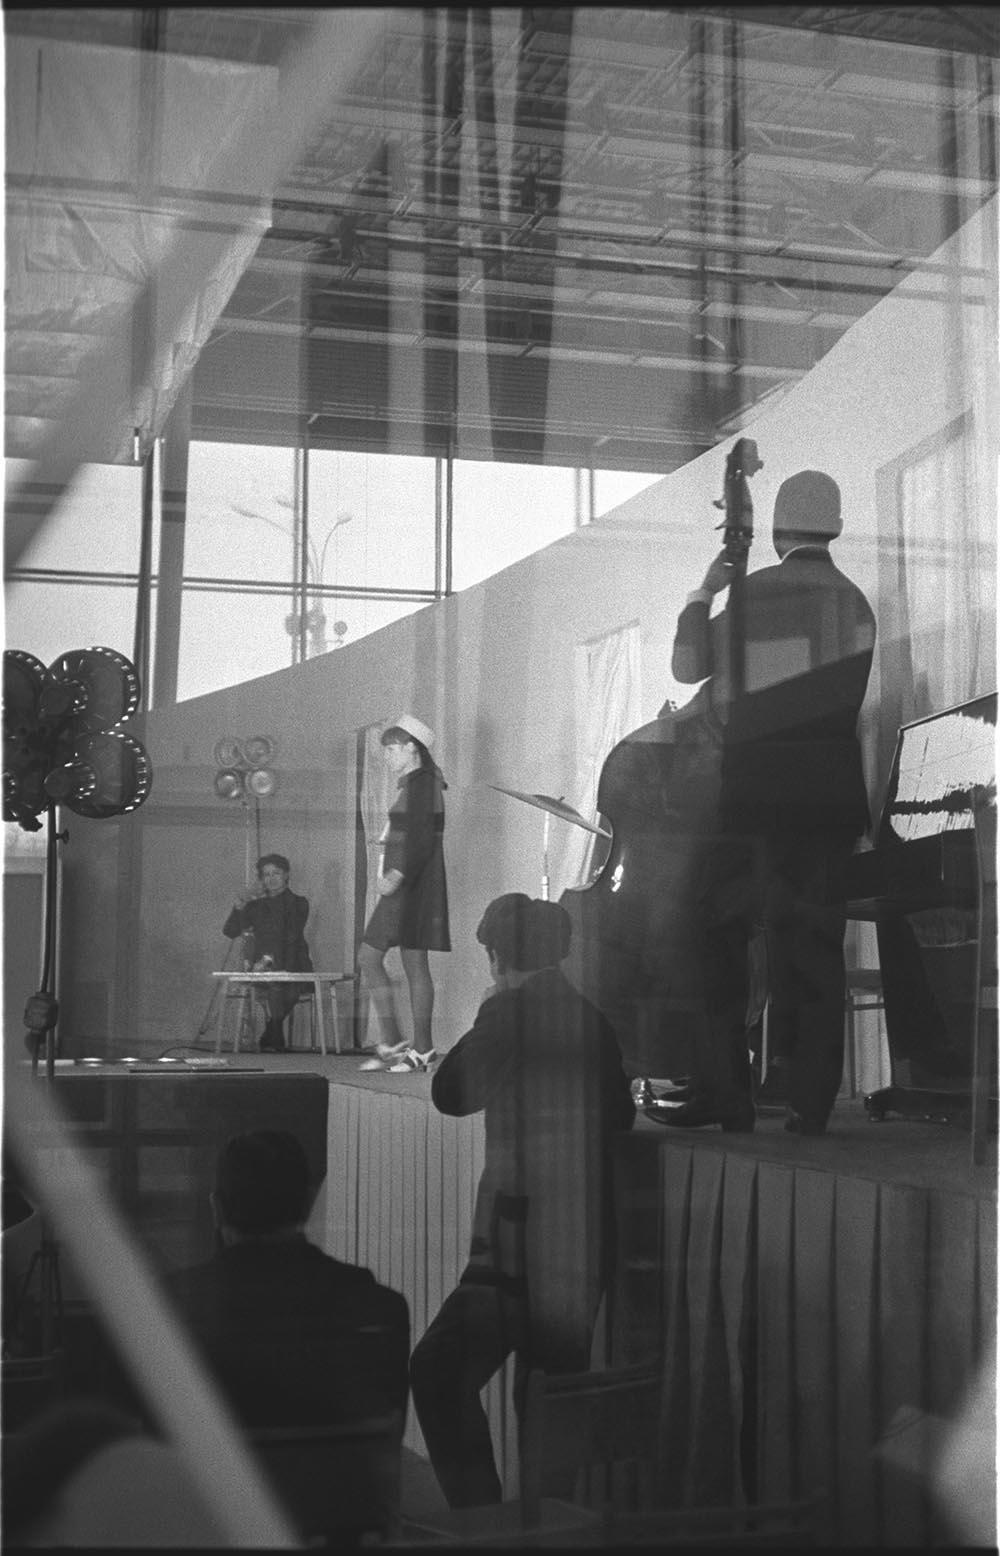 1960-е. Демонстрация мод. Павильон «Межотраслевых выставок» на ВДНХ.